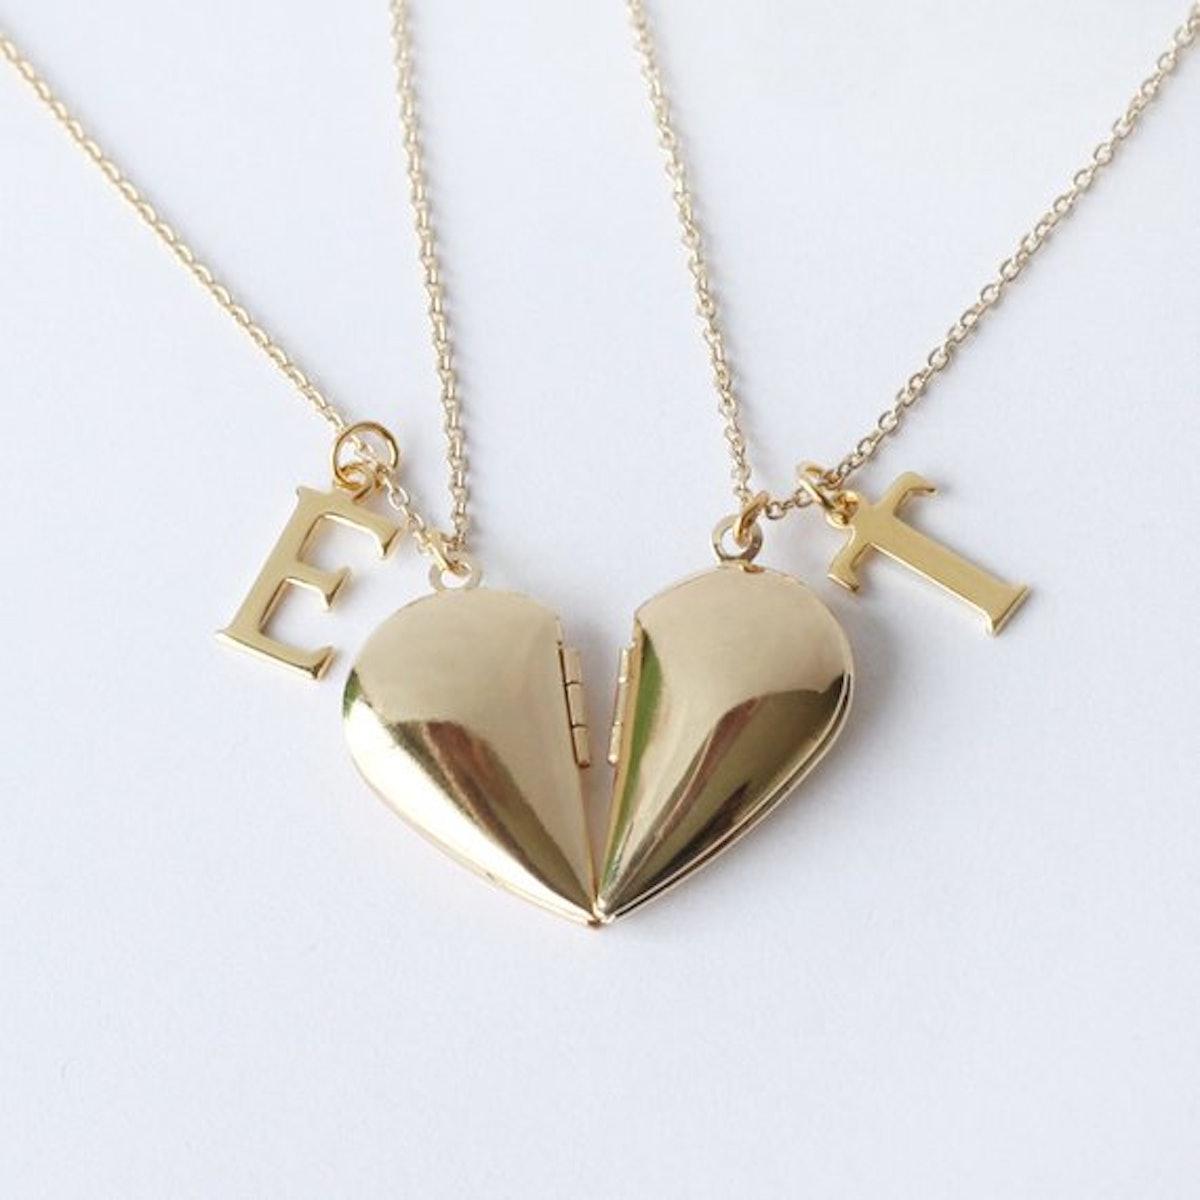 Gold Half Heart Locket Necklaces